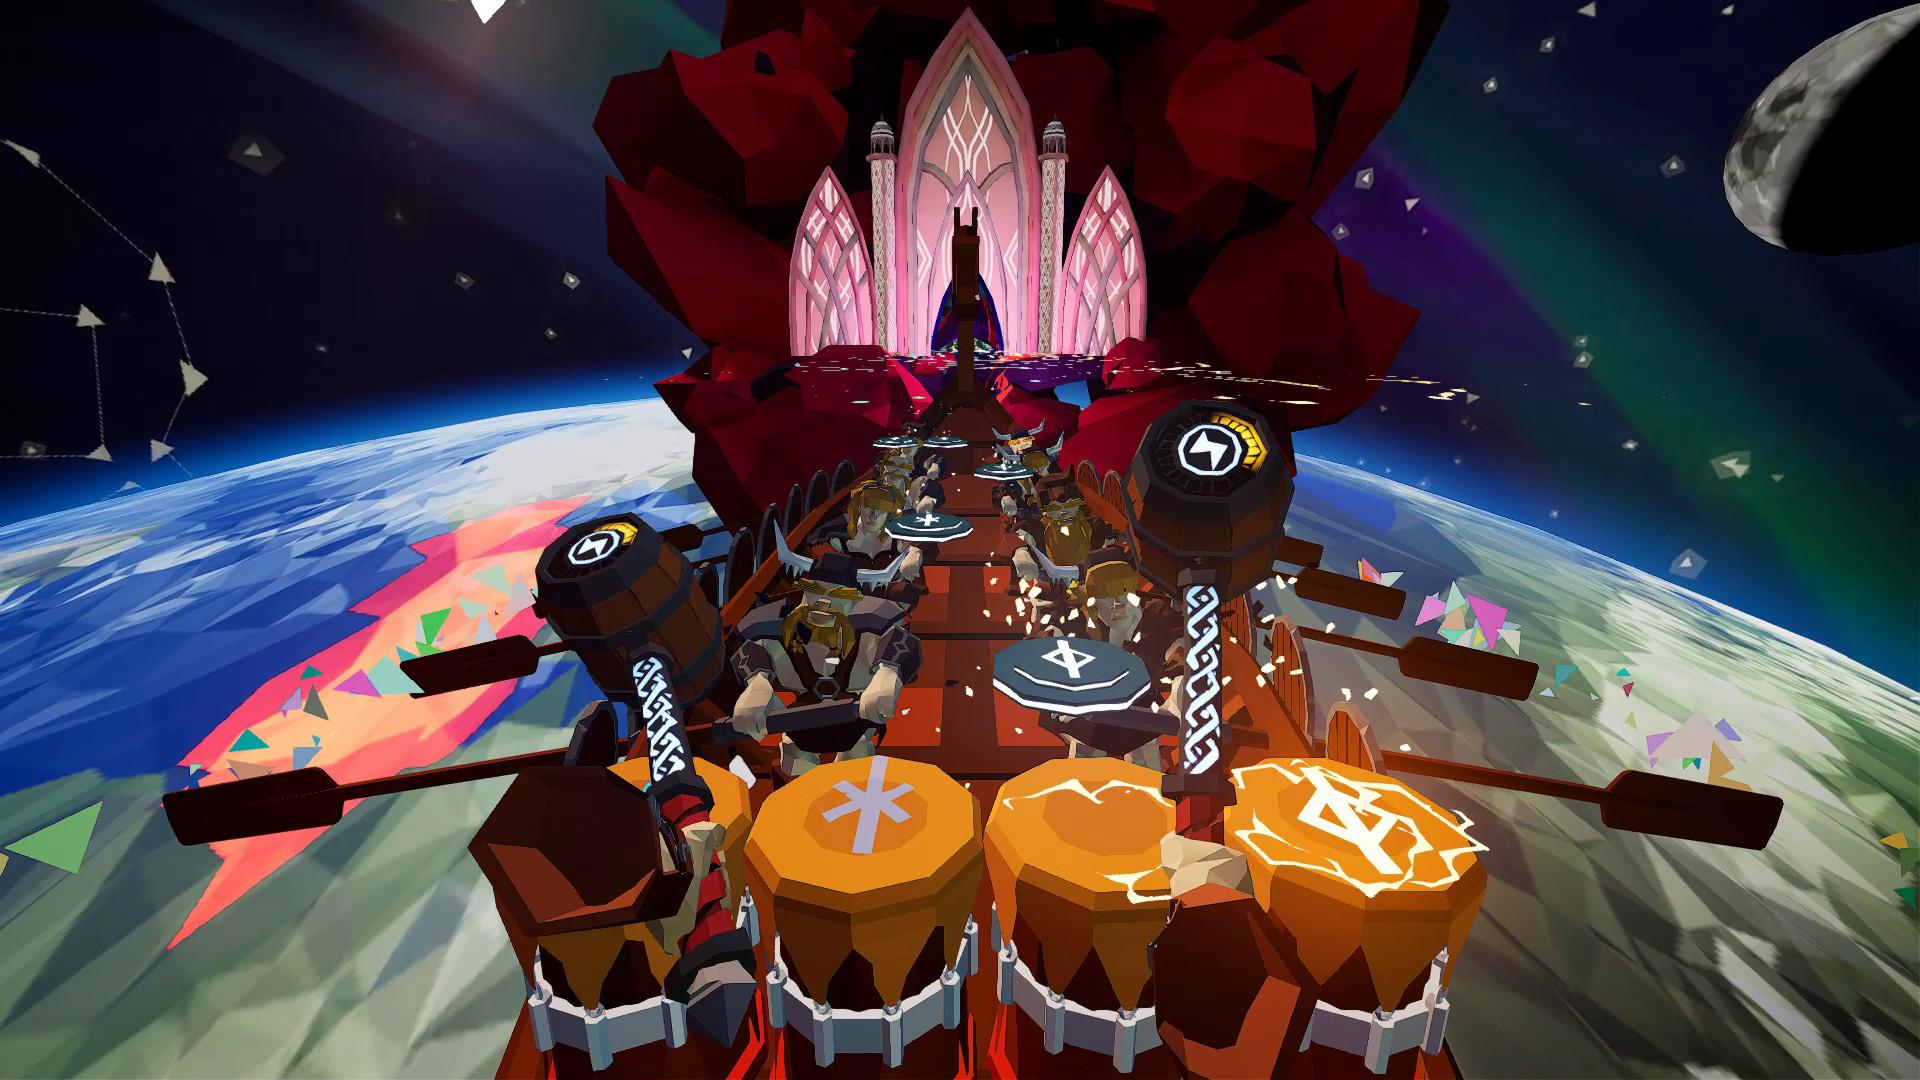 Oculus Quest 游戏《Ragnarock VR》维京时代插图(3)